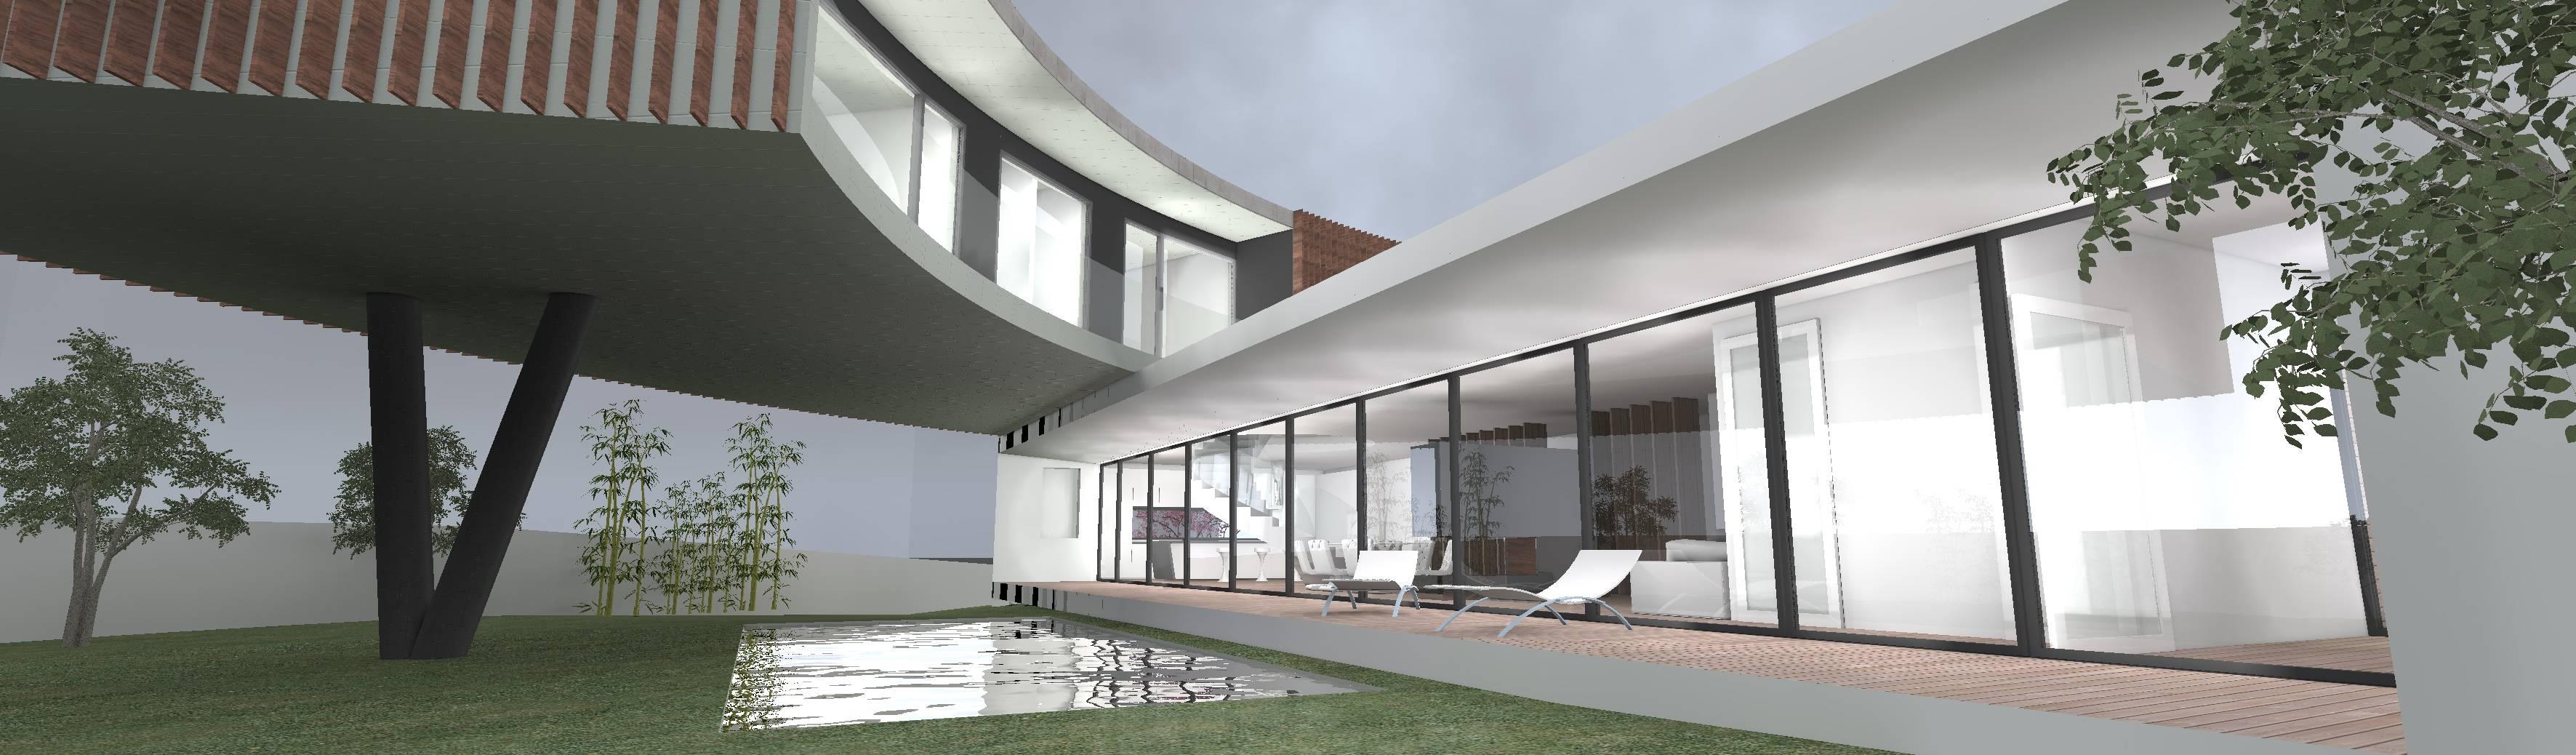 2L'atelier arquitectos